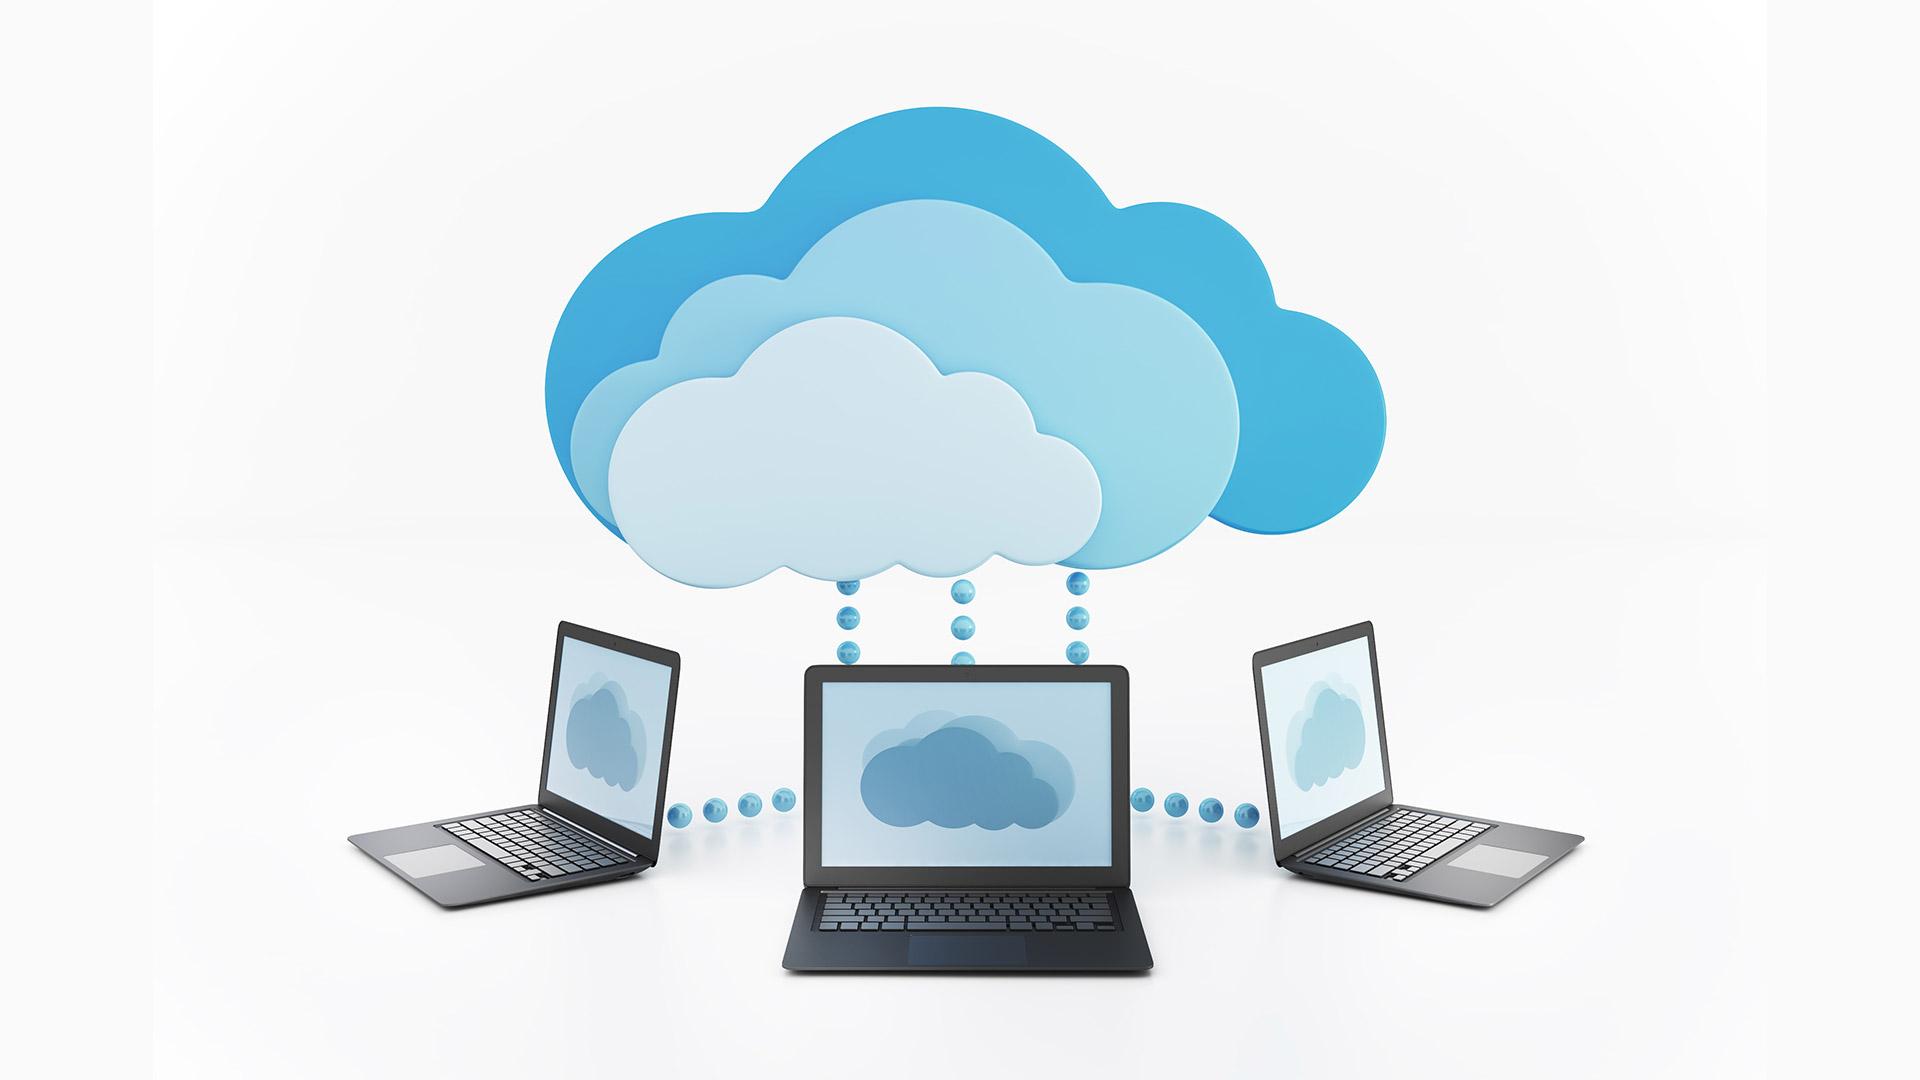 servidor cloud computing funcionamento